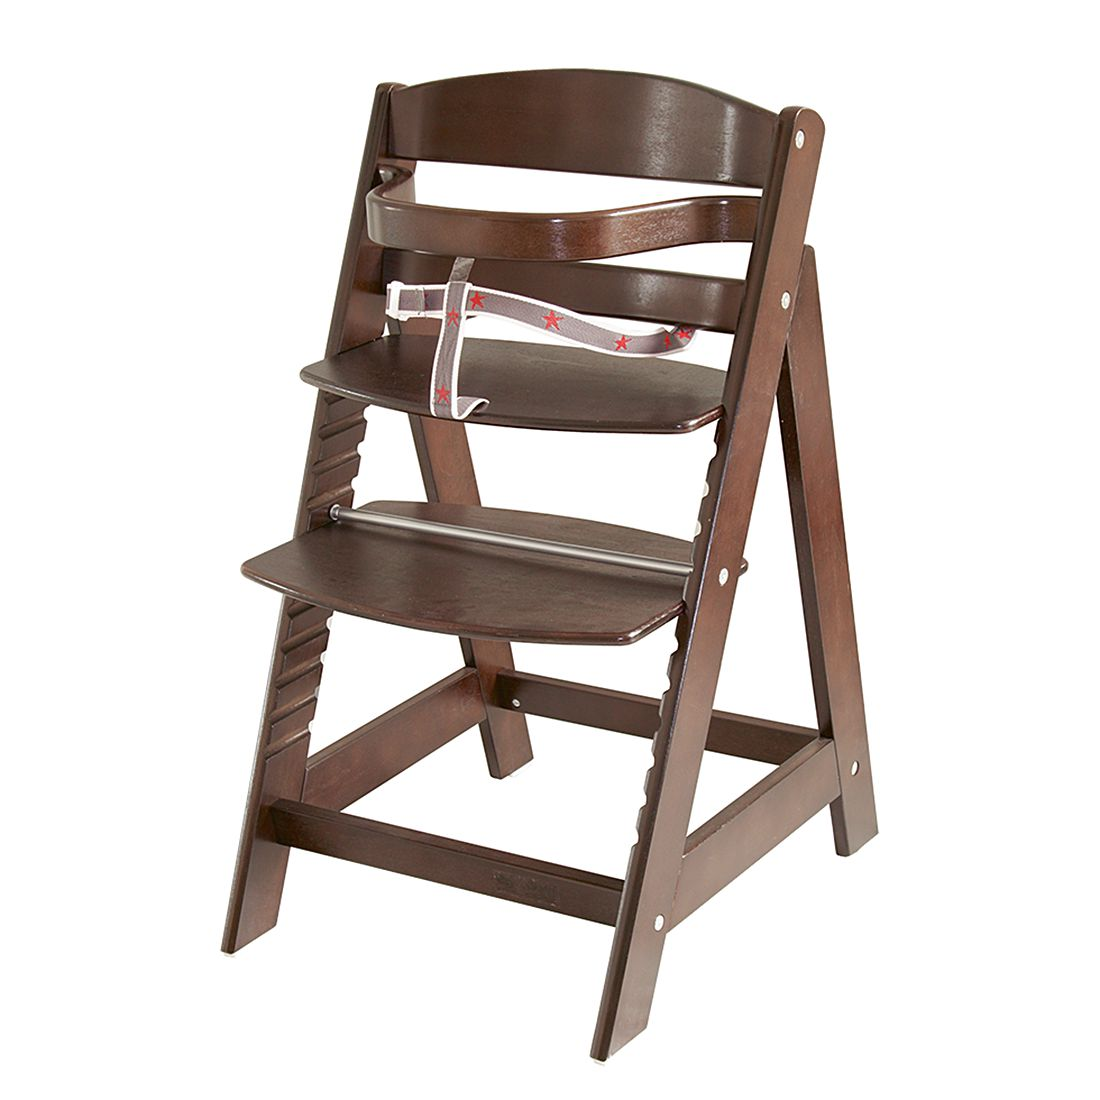 Treppenhochstuhl Sit up 3, Roba